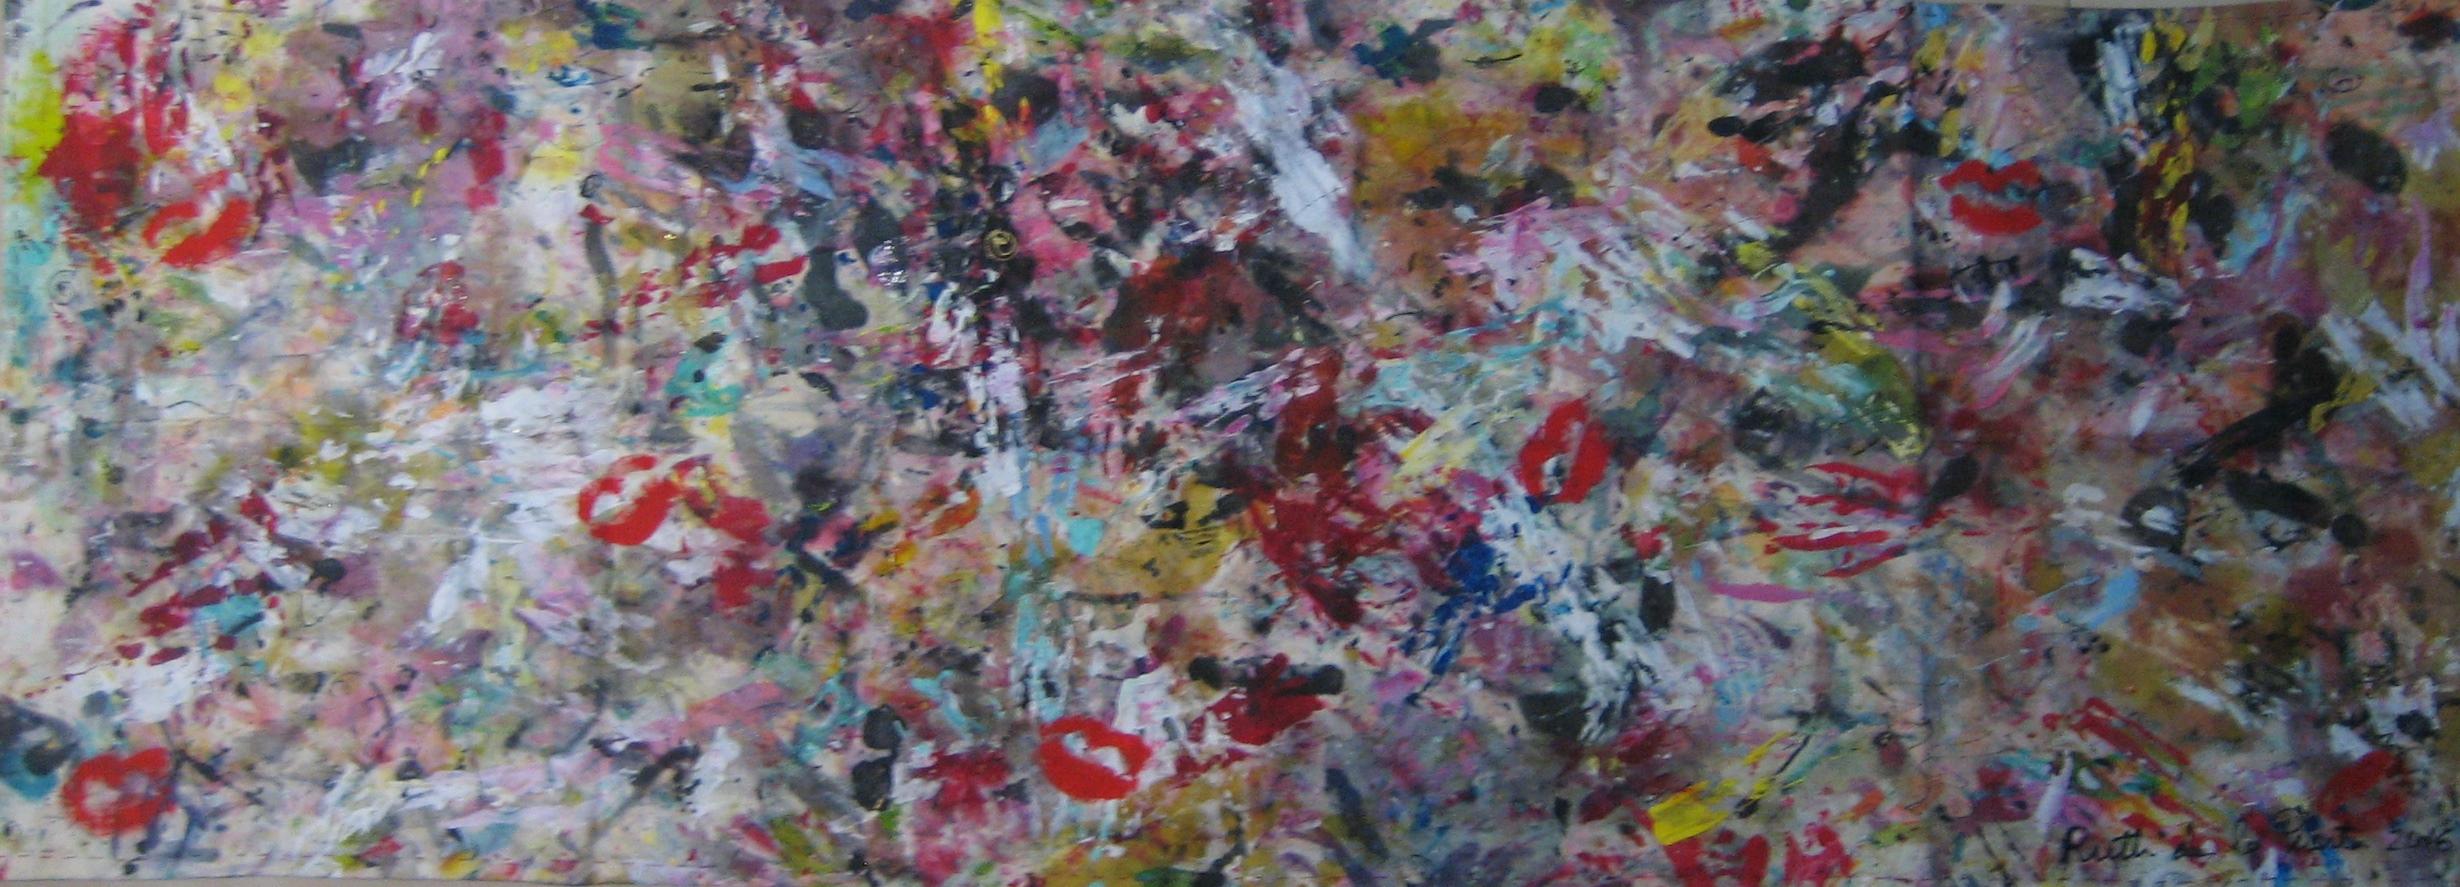 """Seda """"Besos sobre abstracción pictórica"""" . PIntura de seda y tela sobre seda natural. 97 x 35 cm"""